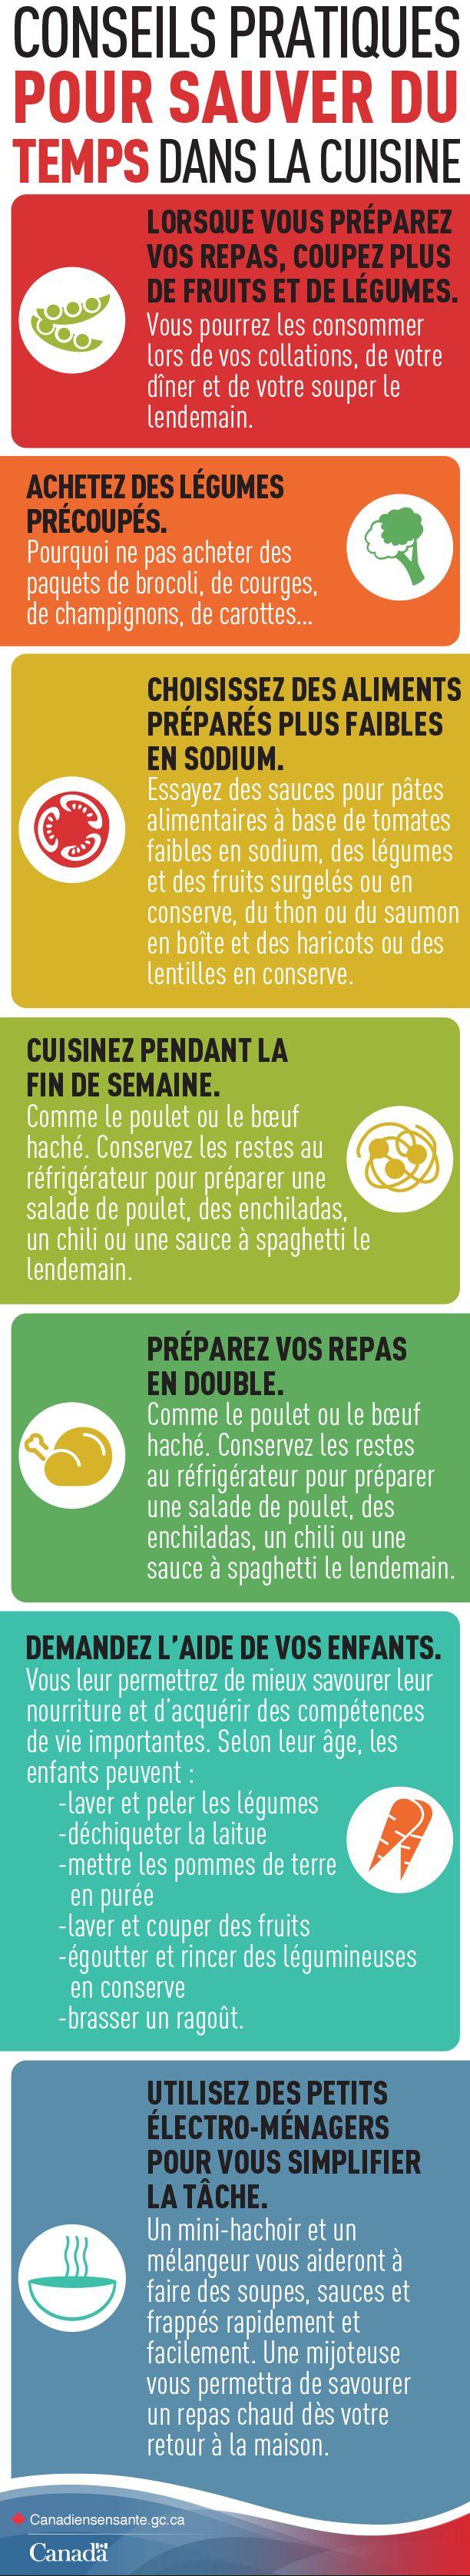 Utilisez ces trucs pour économiser du temps dans la cuisine http://www.canadiensensante.gc.ca/eating-nutrition/healthy-eating-saine-alimentation/tips-trucs-fra.php?utm_source=pinterest_hcdns&utm_medium=social&utm_content=Mar1_PlanAhead_FR&utm_campaign=social_media_14